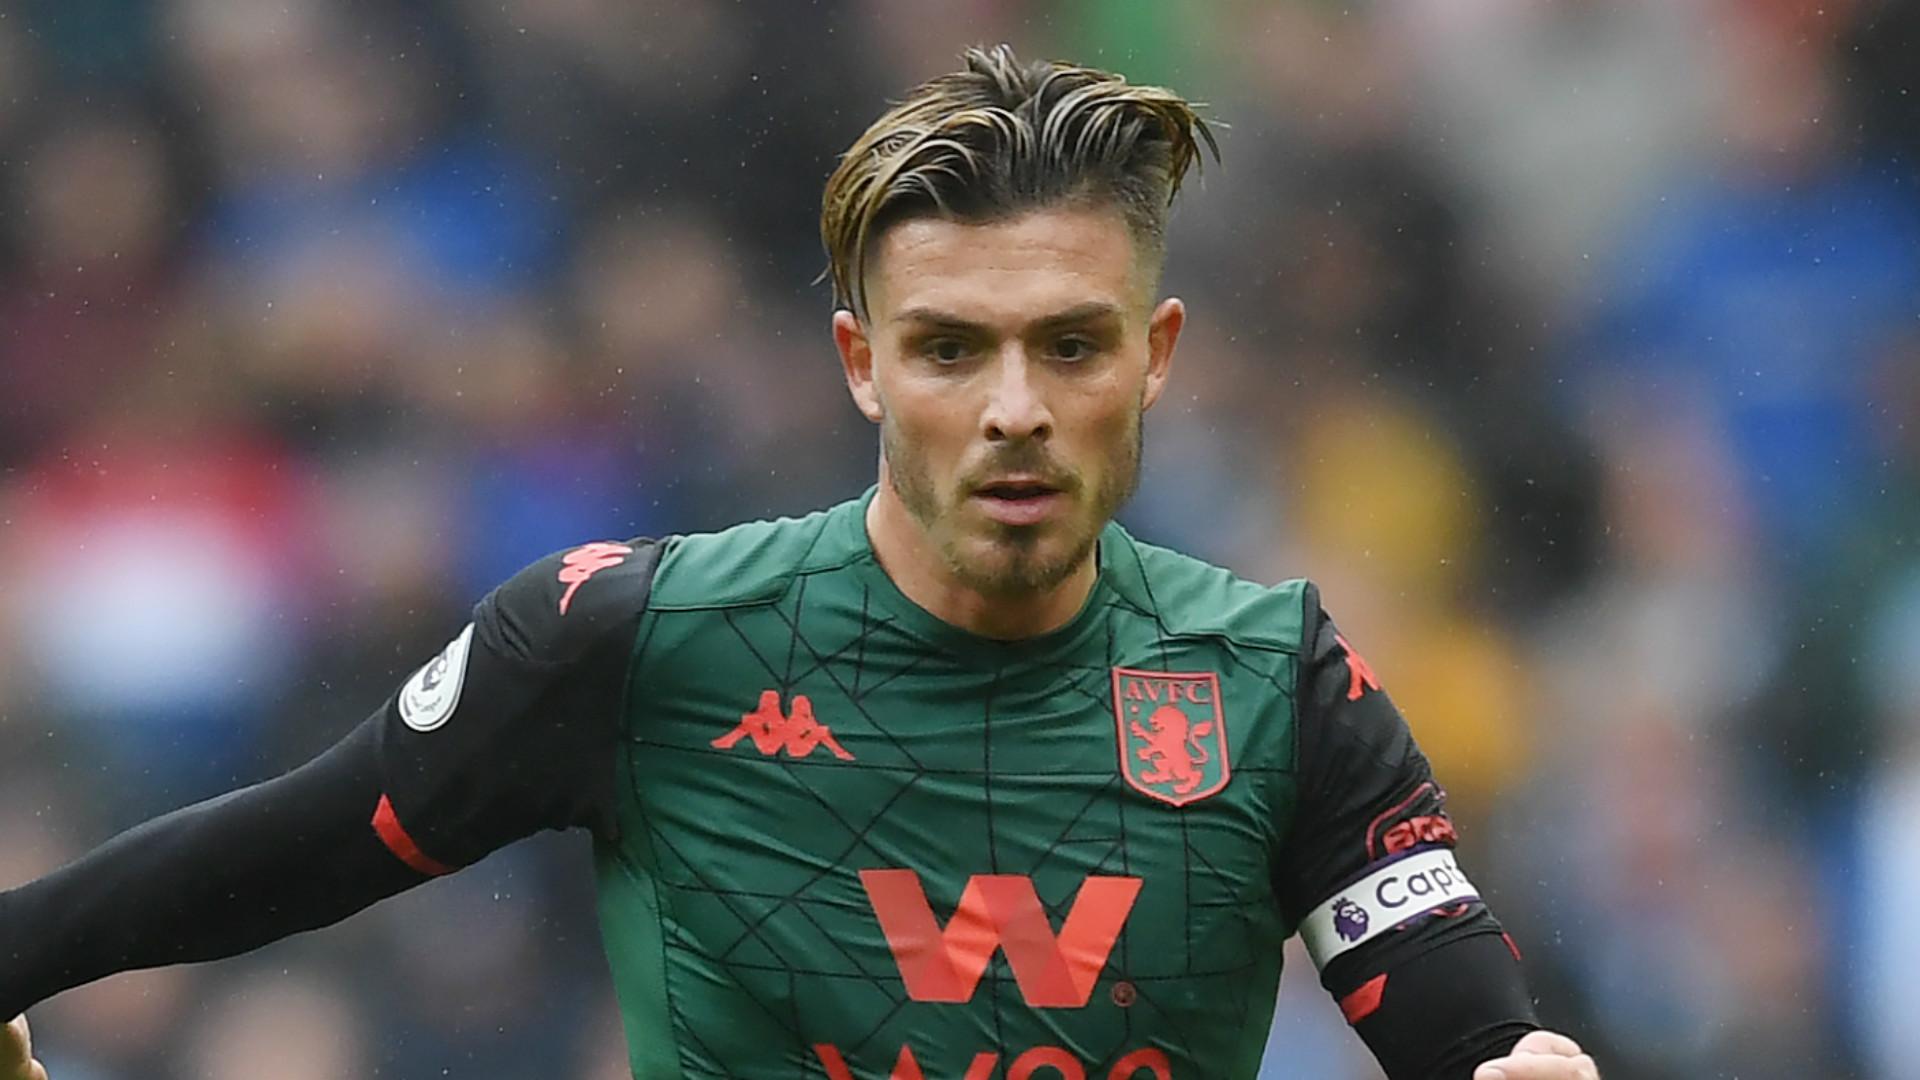 Berita Transfer Manchester United Tar Kan Transfer Jack